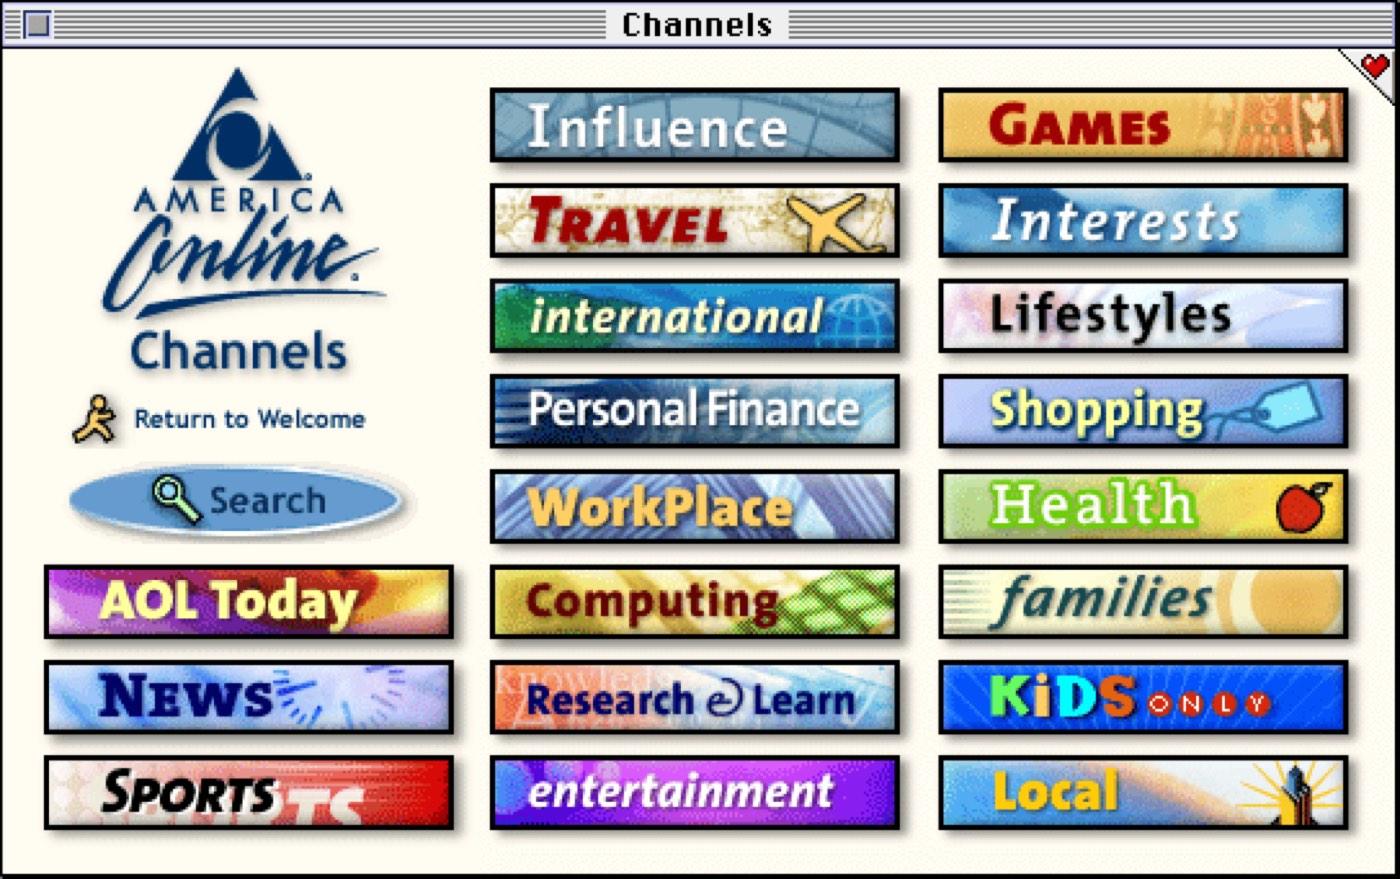 AOL Channels